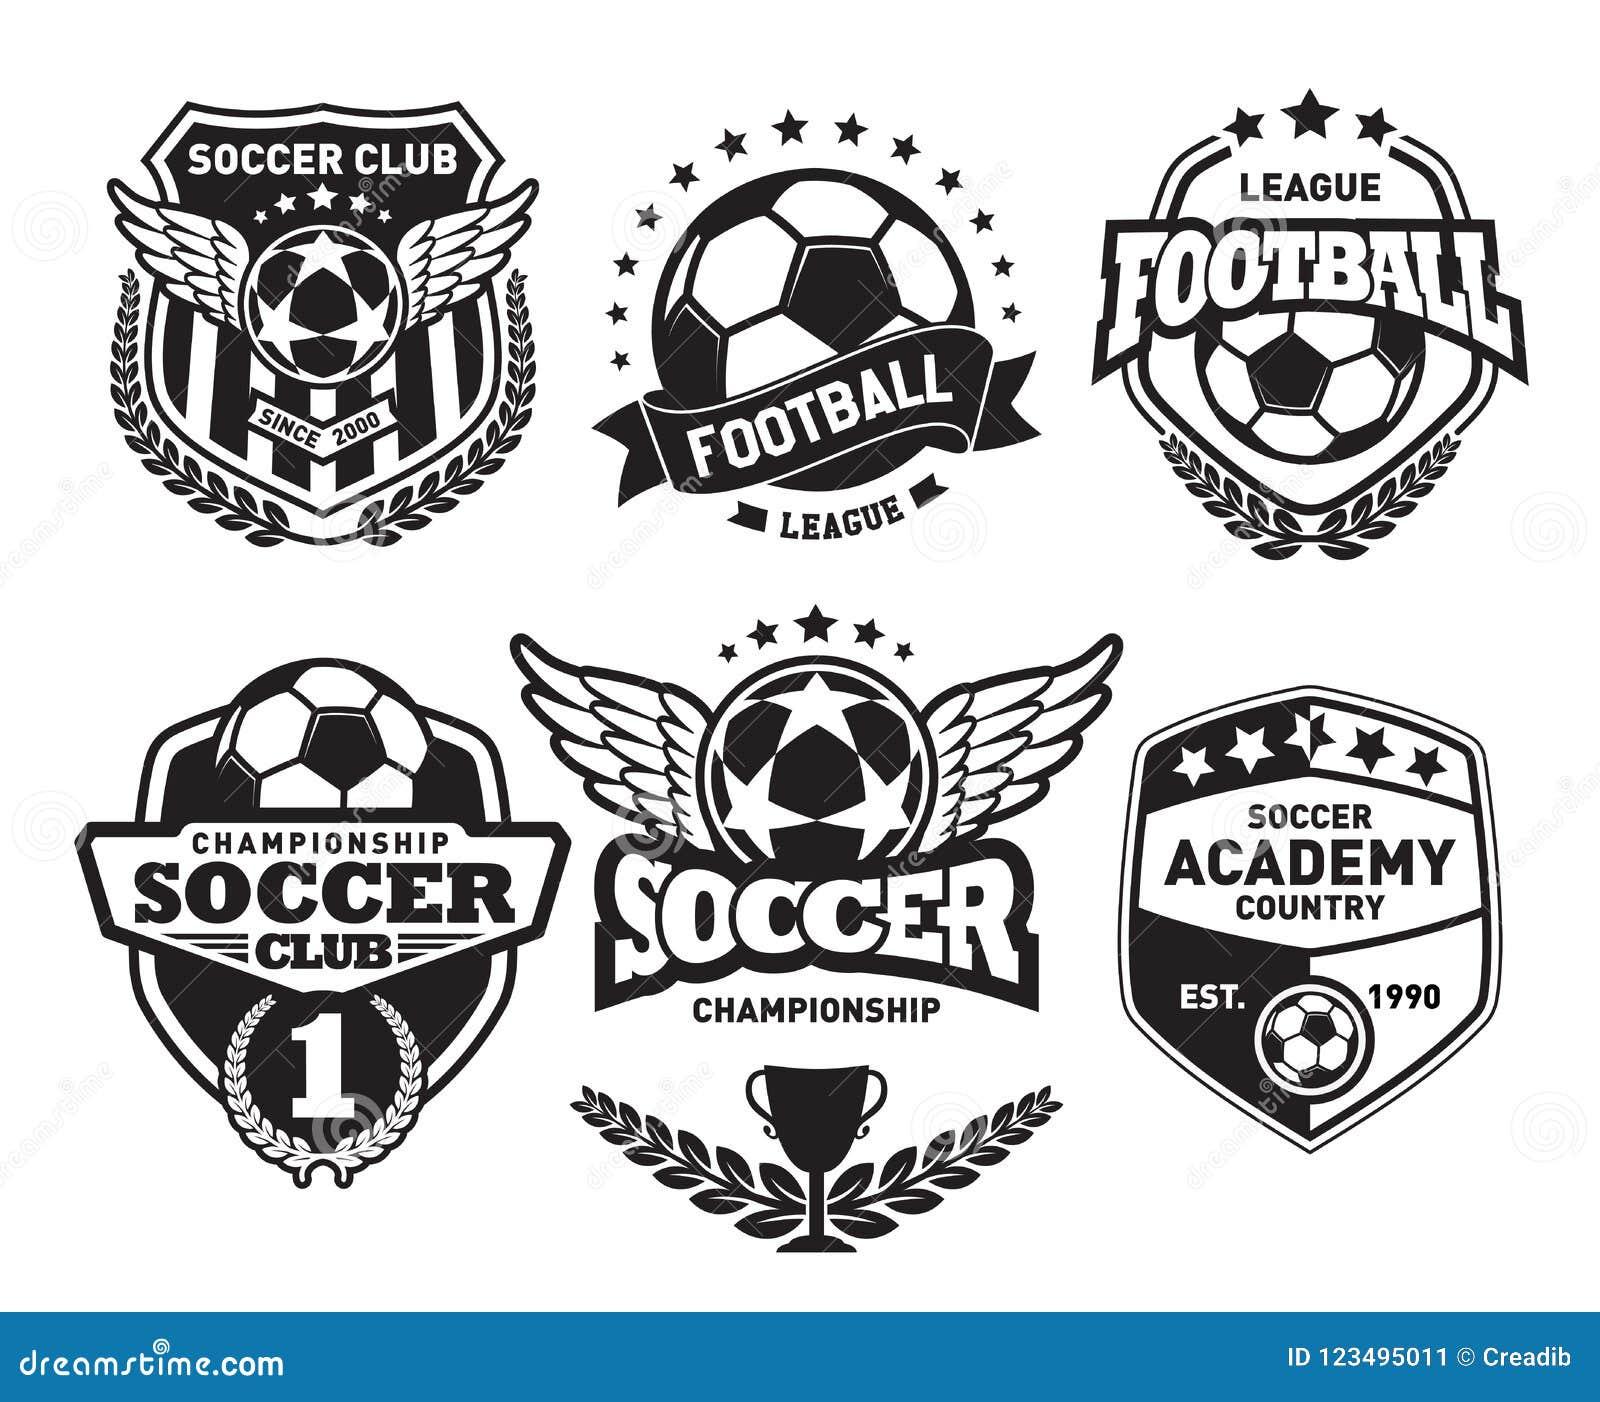 set of football logo design templates, soccer vintage badge stock vector -  illustration of emblem, game: 123495011  dreamstime.com